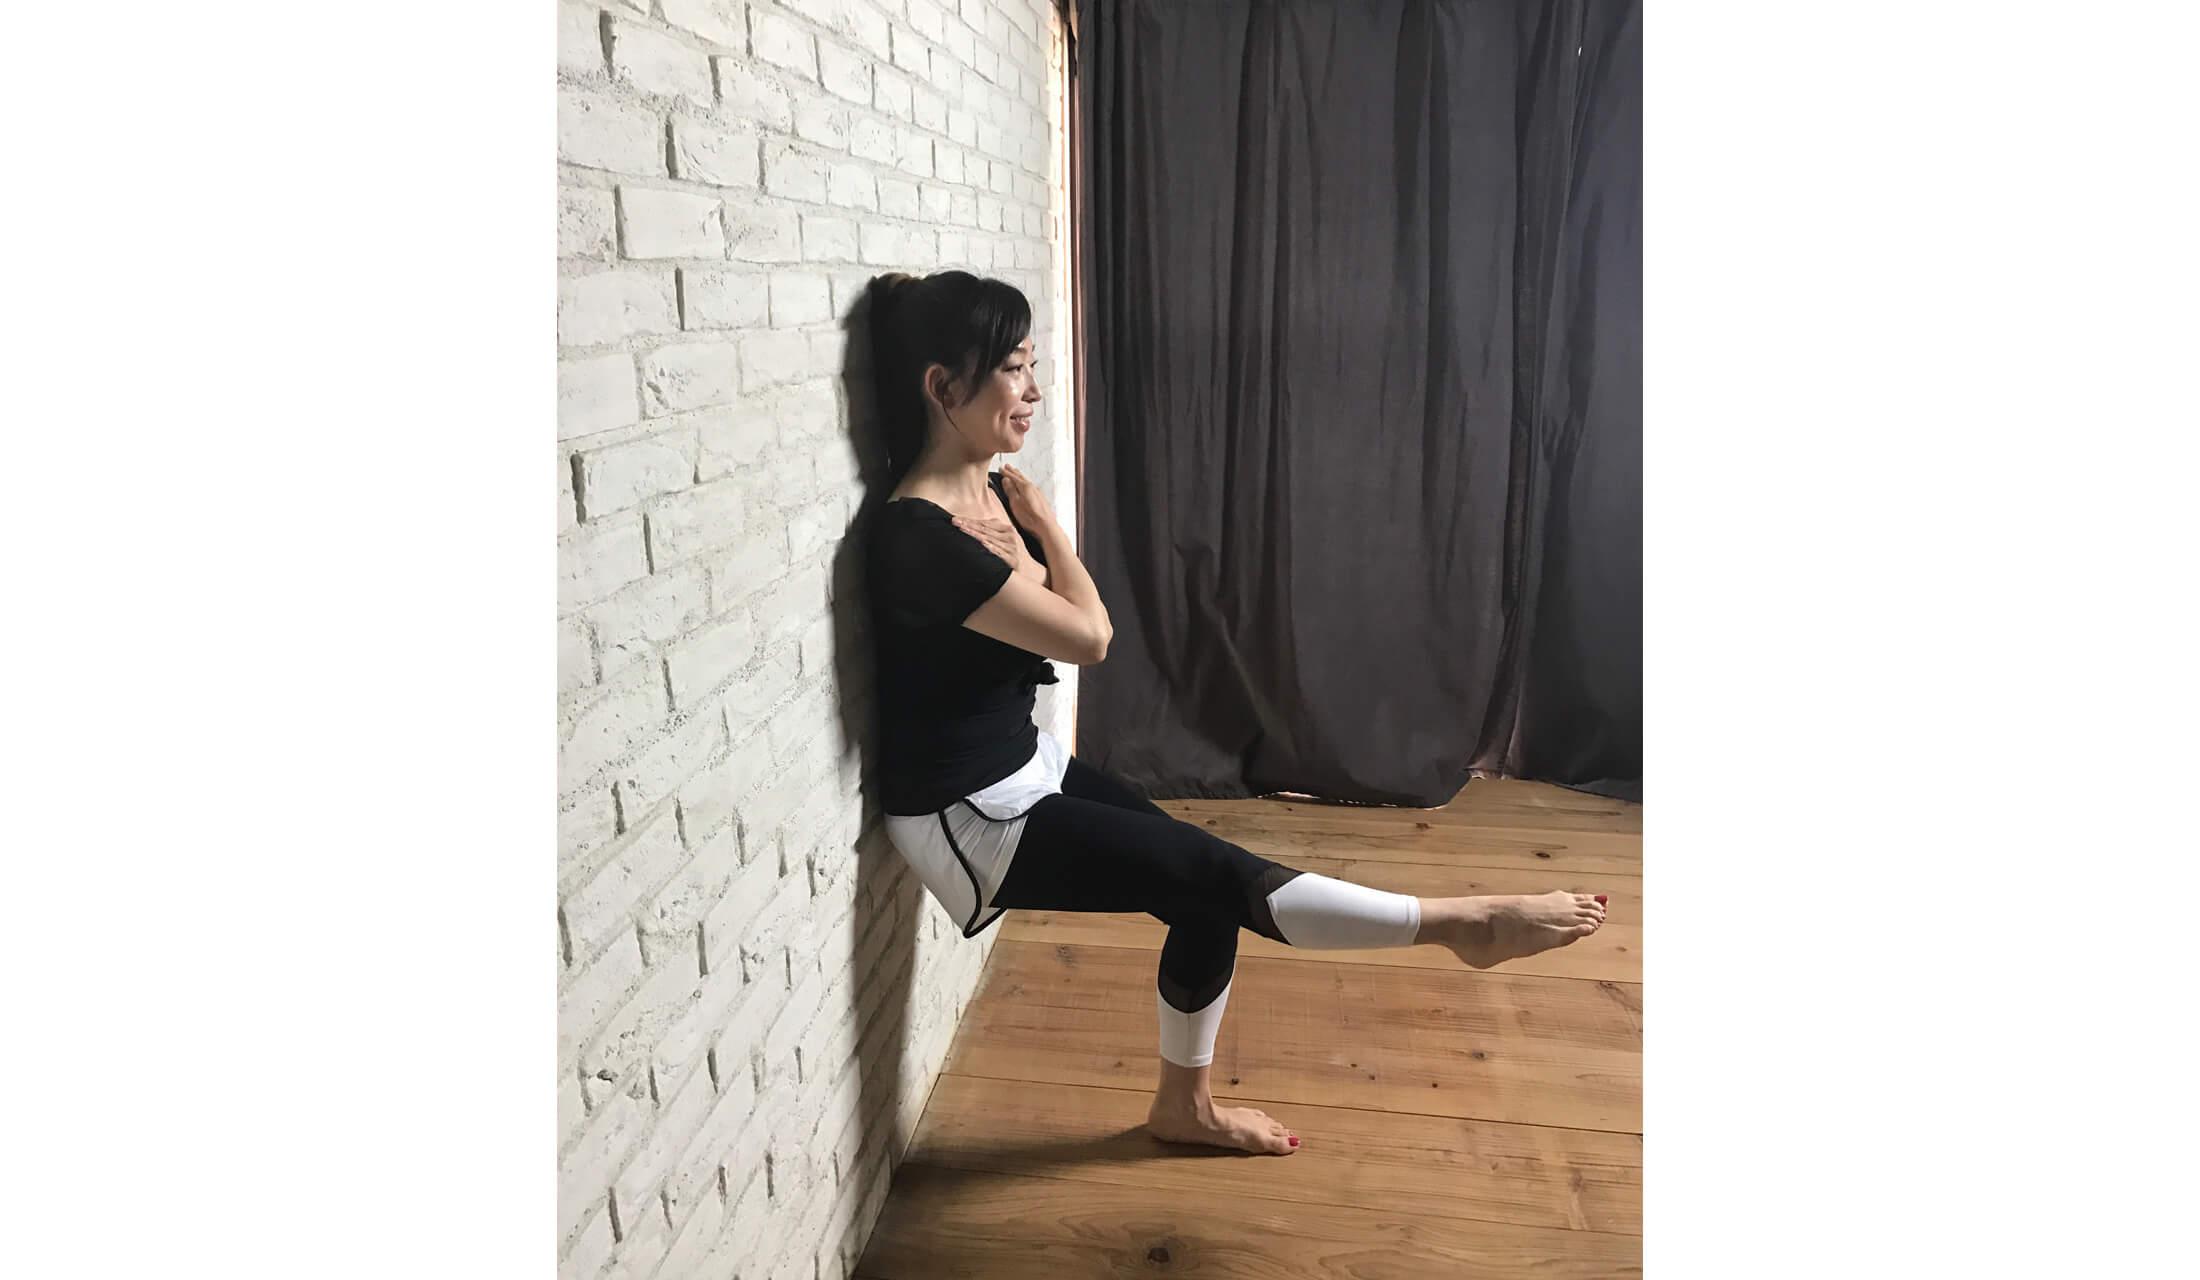 壁に背中をあずけ、空中で座った状態で右脚をまっすぐ伸ばし、壁トレを実践している女性